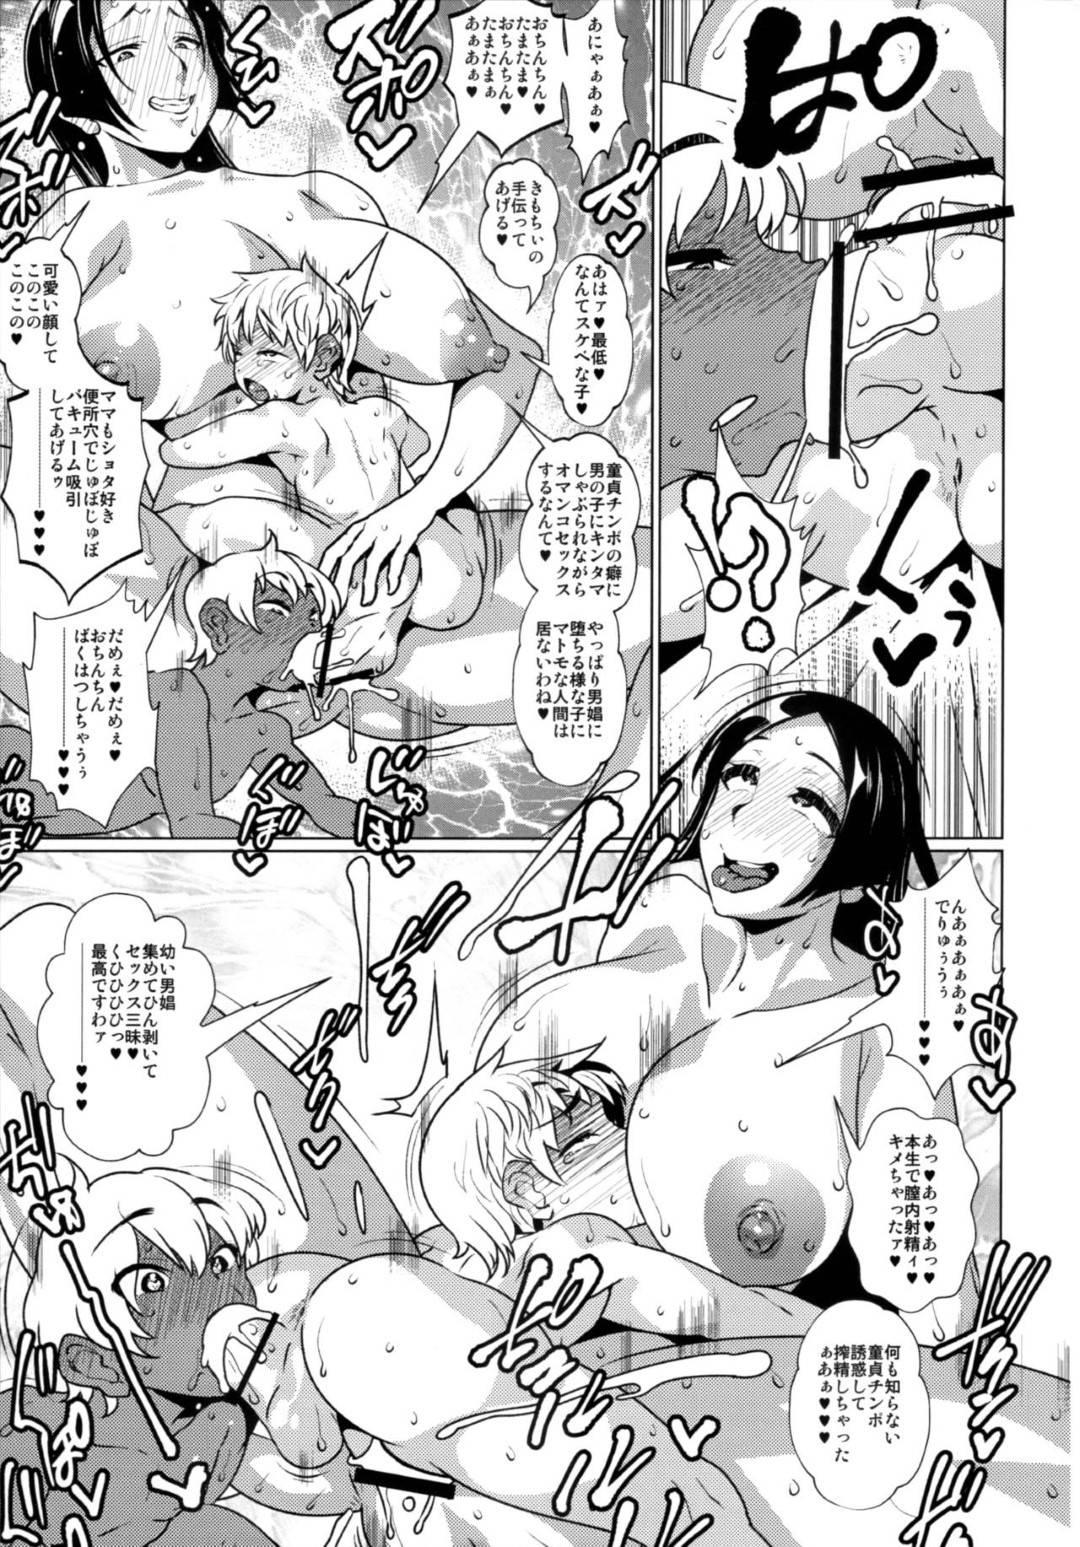 【fateエロ漫画】セックスにハマり街角で売春婦として働くようになったぐだ子。裏路地でセックスしたりモーテルやナイトクラブで知らない男のチンポをしゃぶったり、生挿入で中出しされたりするのだった!キャスターも風俗で働かされ、次々とハメられる!【黄泉比良坂】